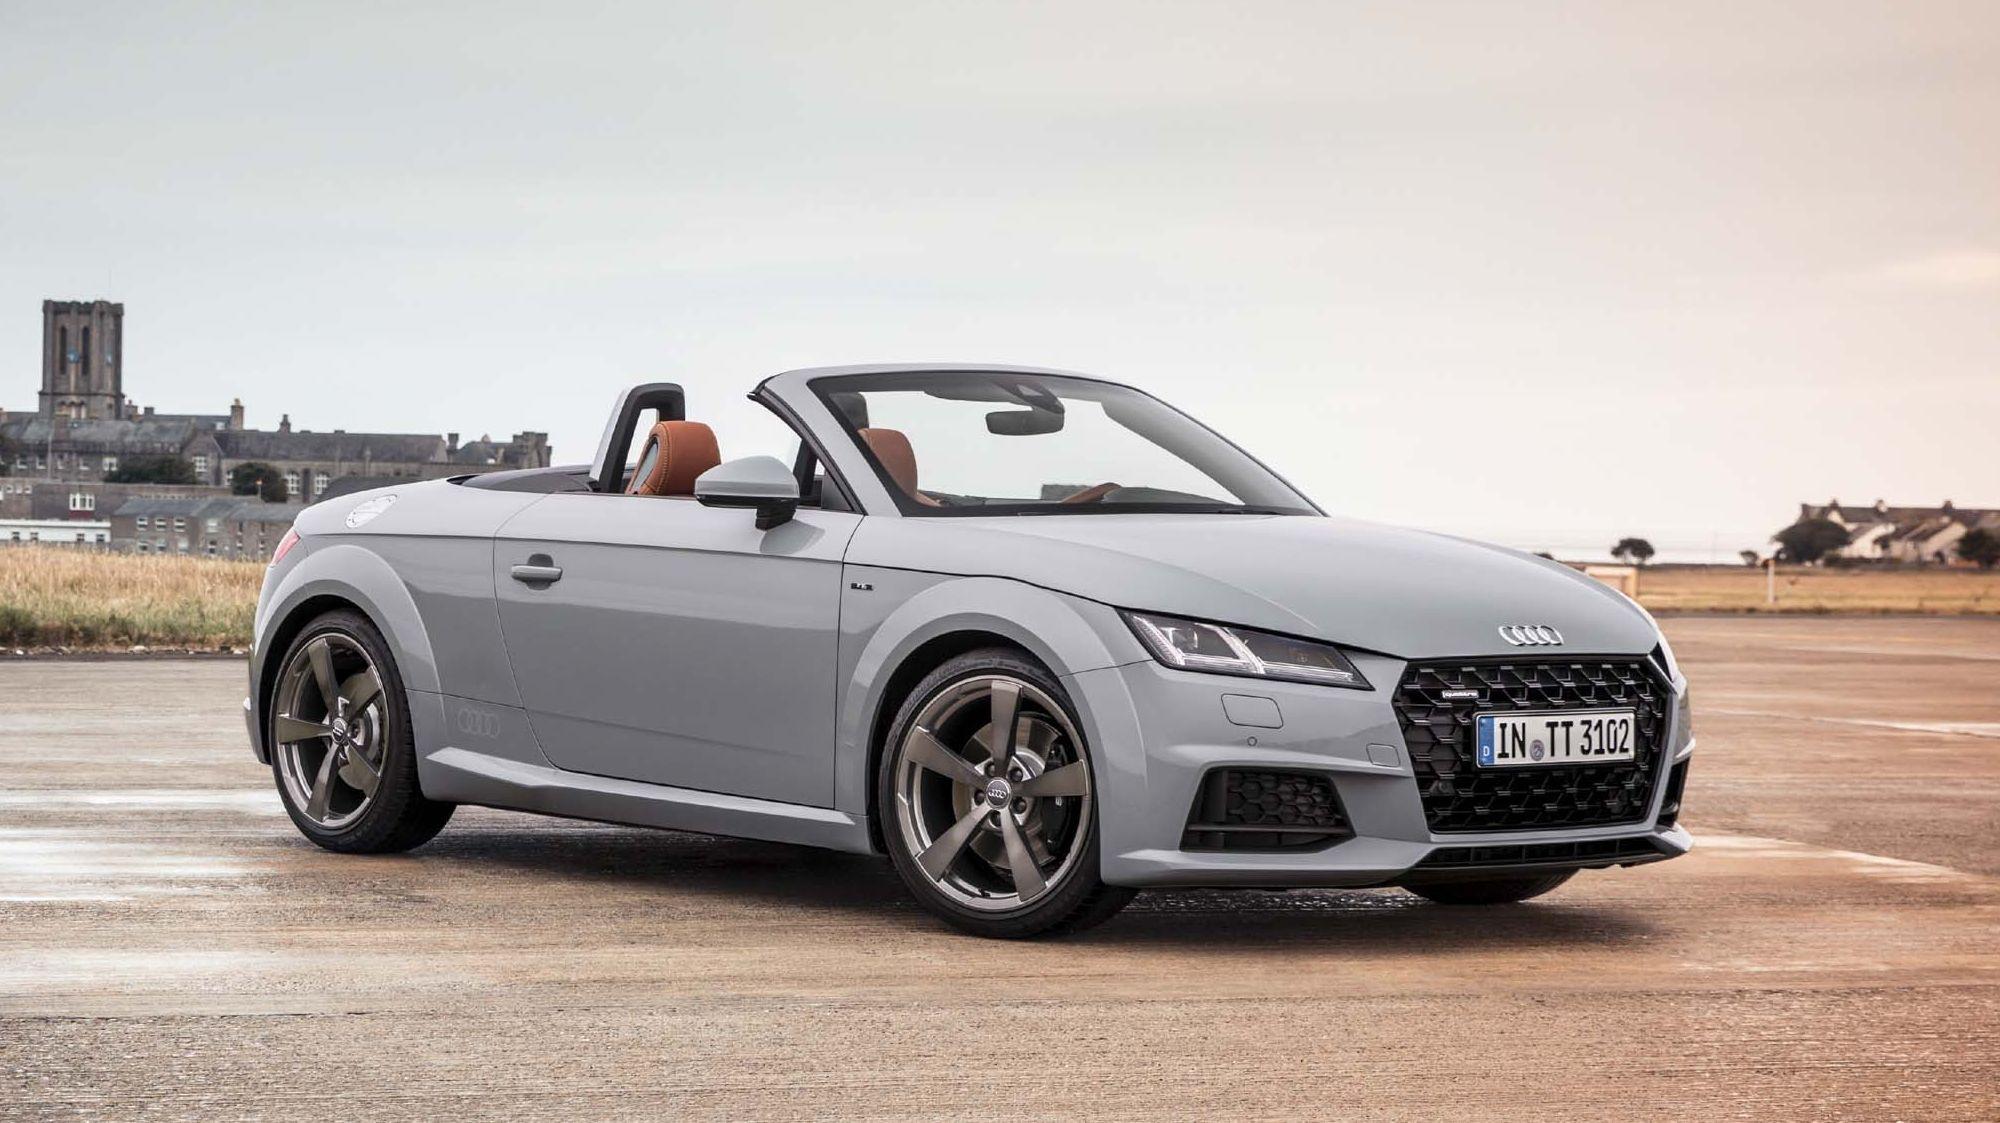 Kekurangan Audi Tt 2019 Tangguh